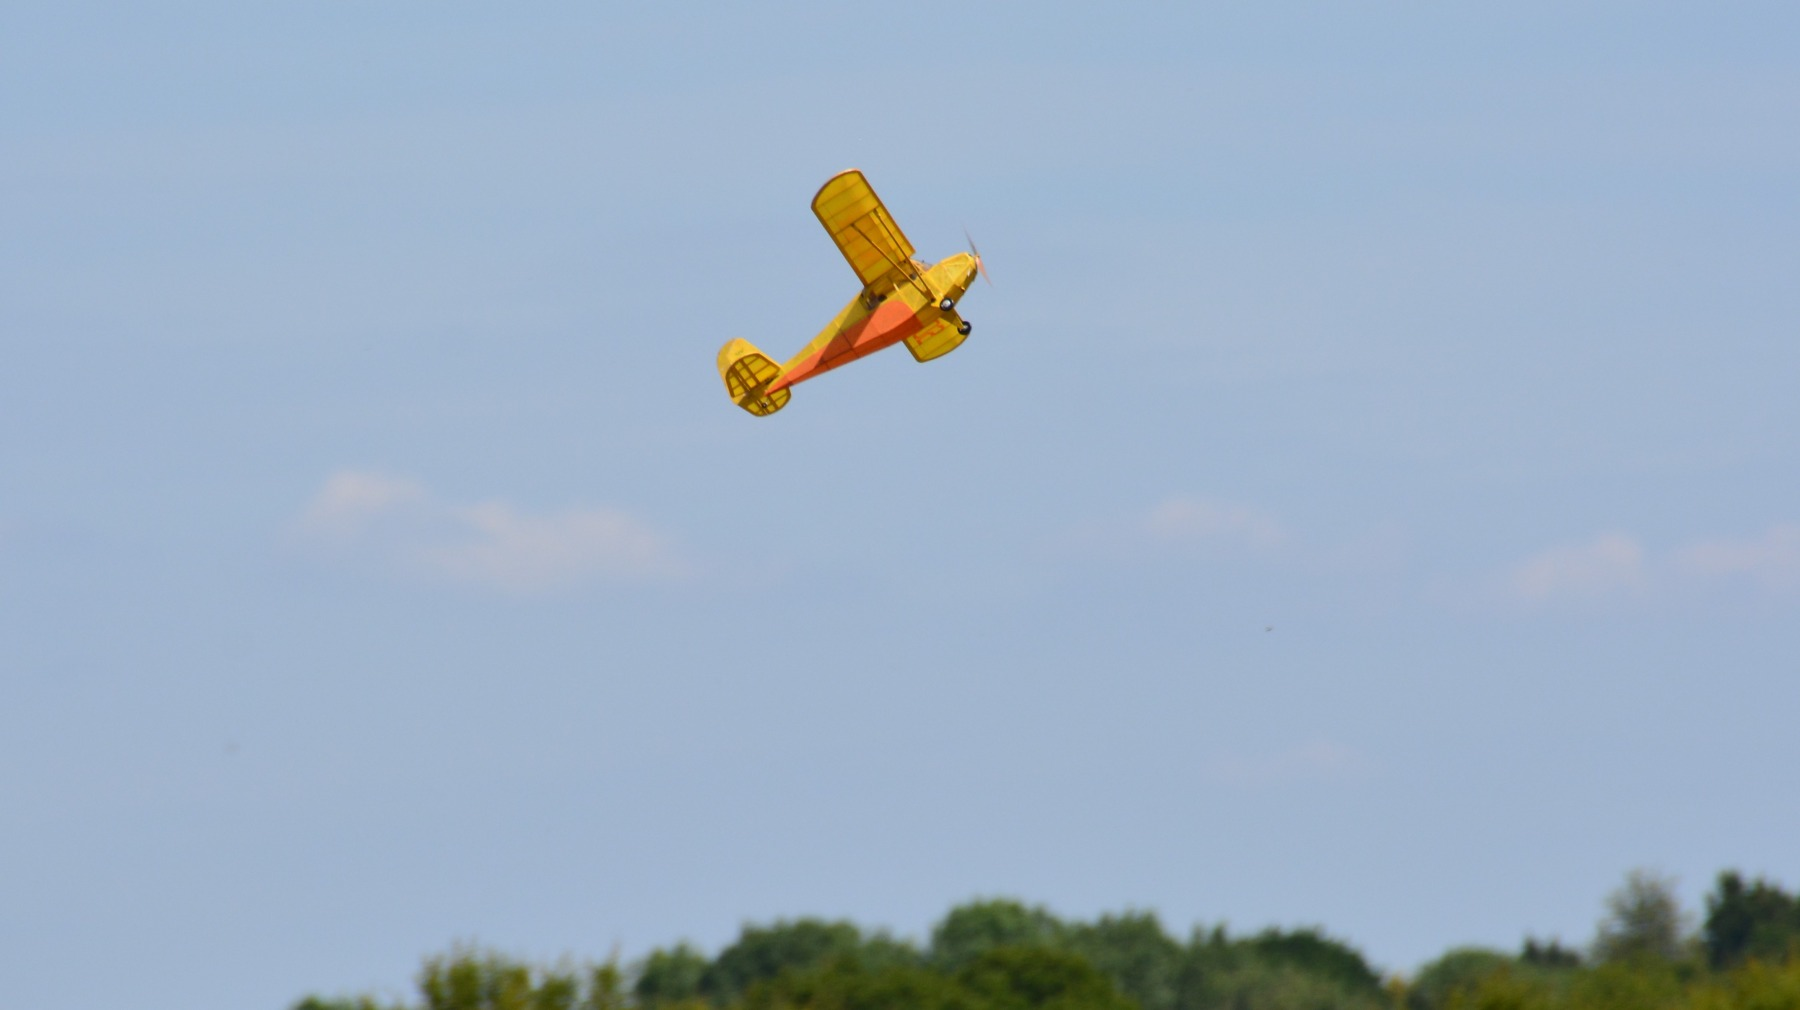 Clive-Aeronca